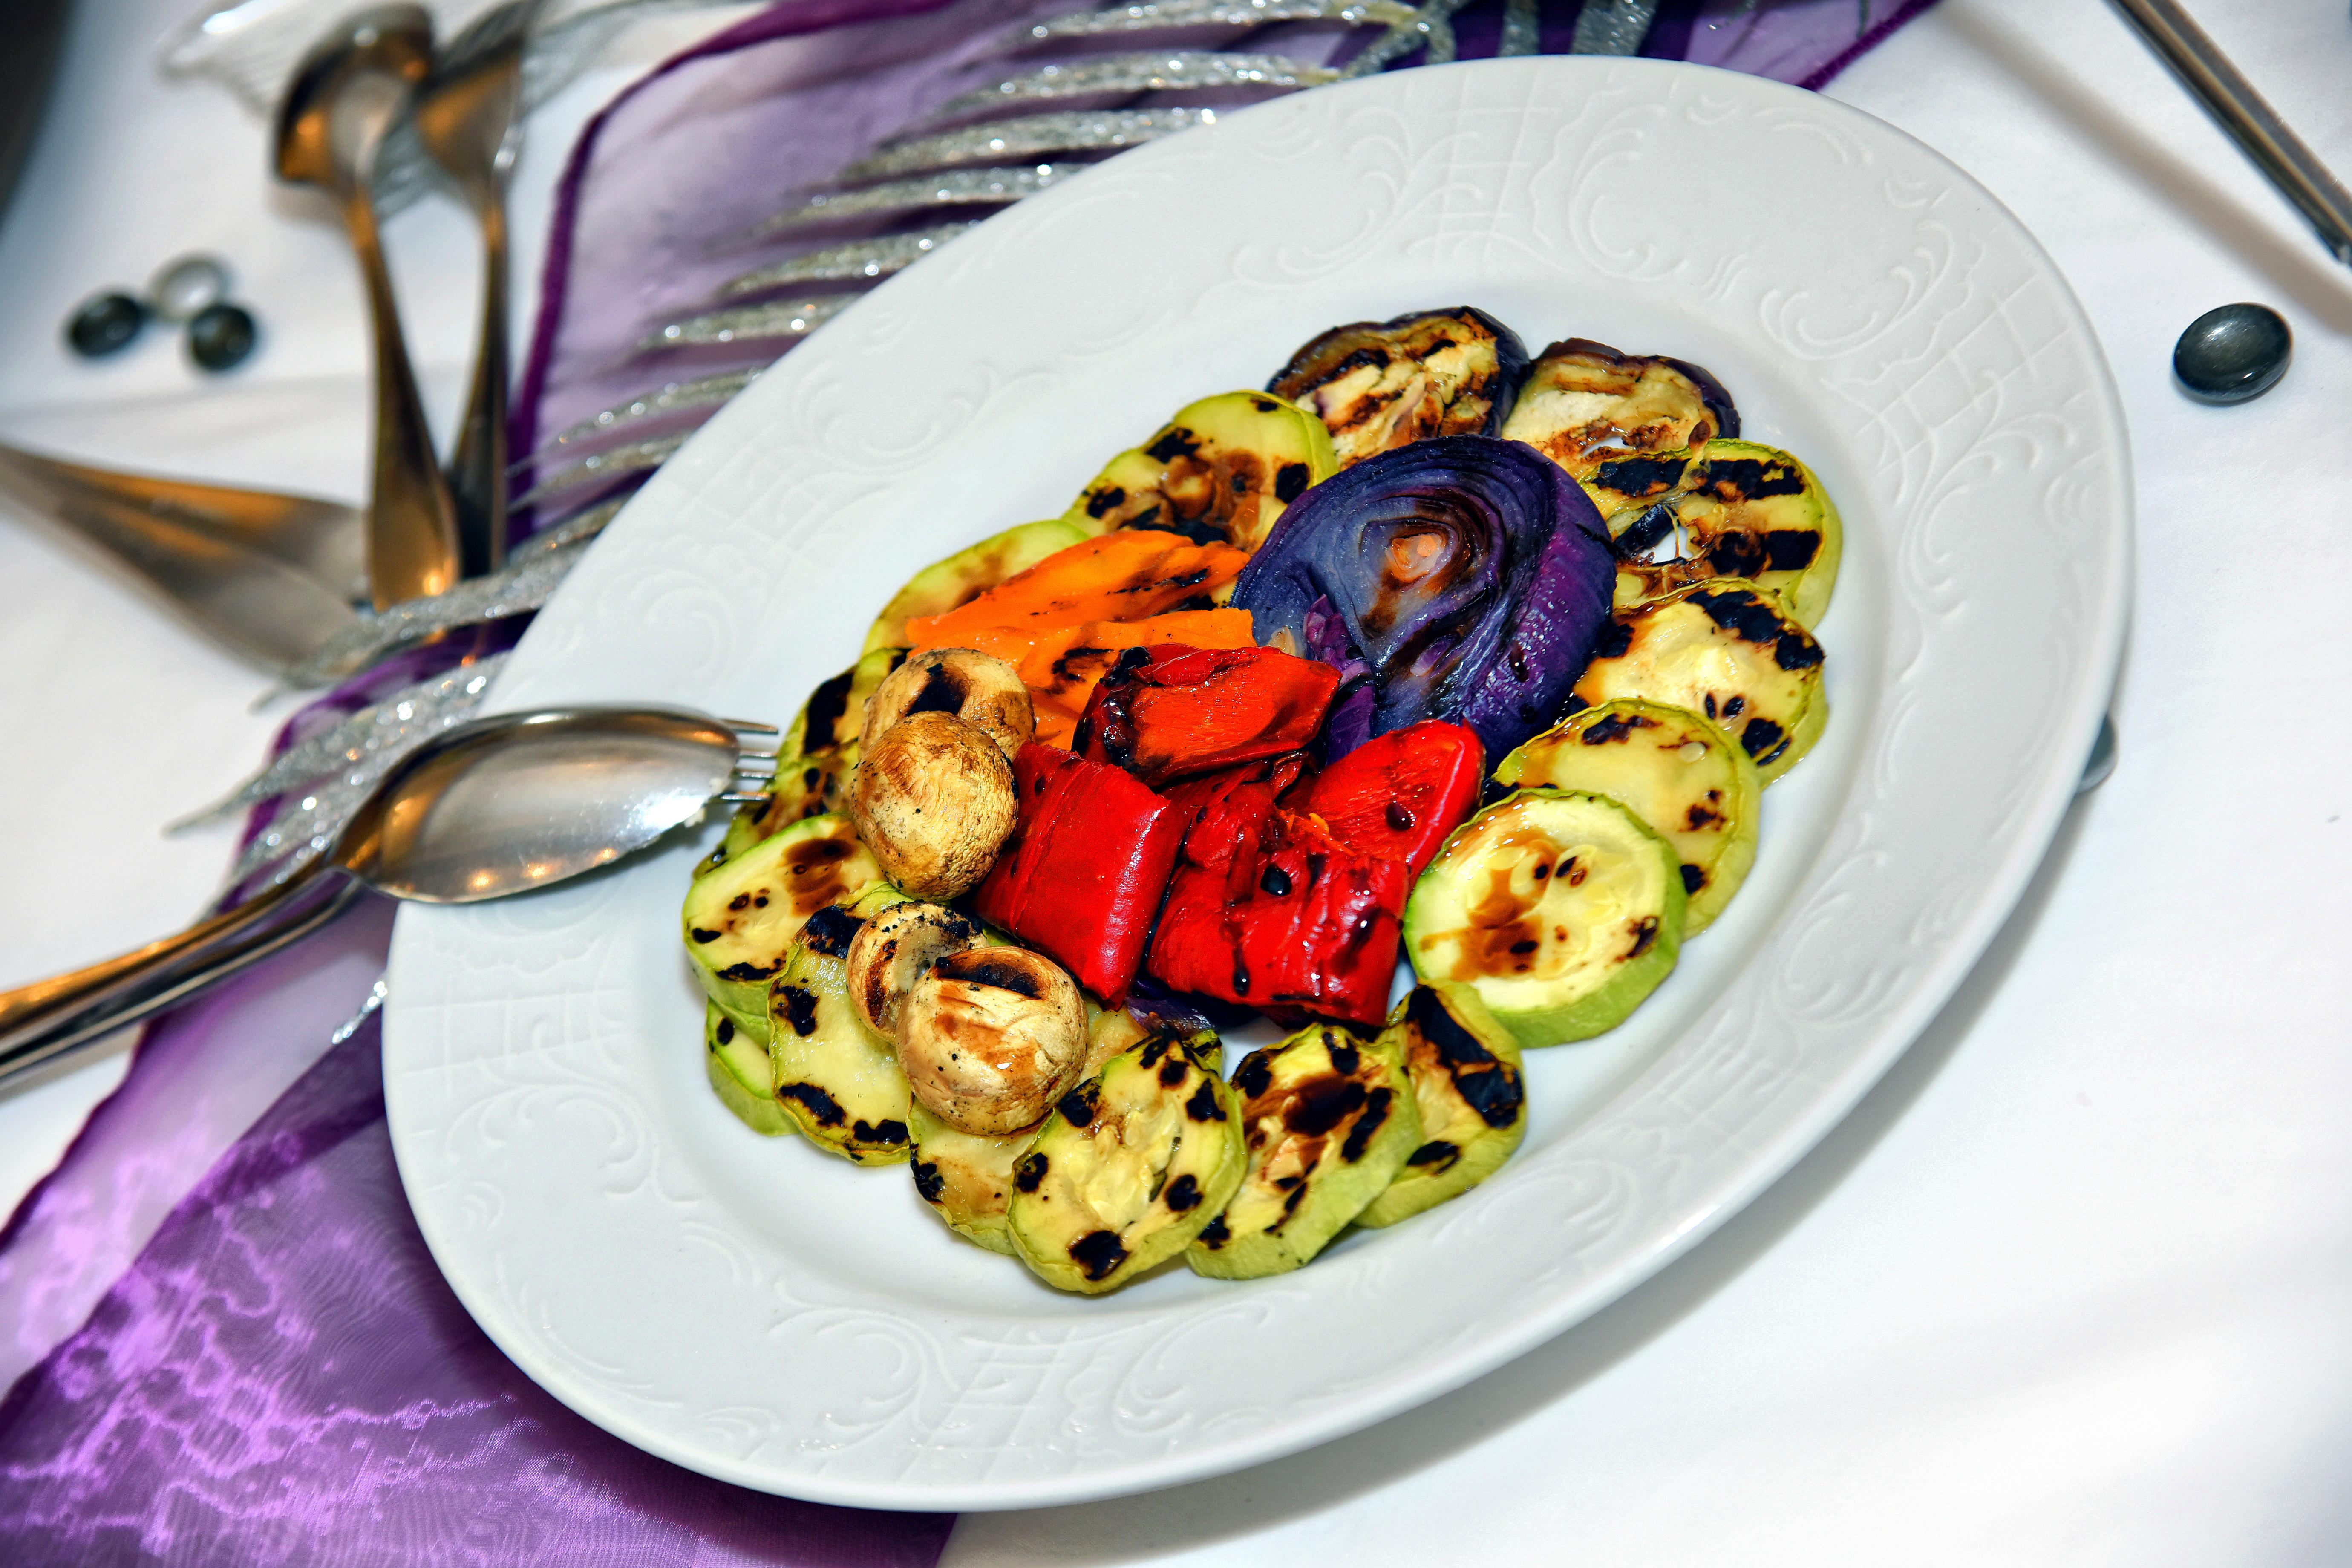 Hrana-dekoracije-2016-152